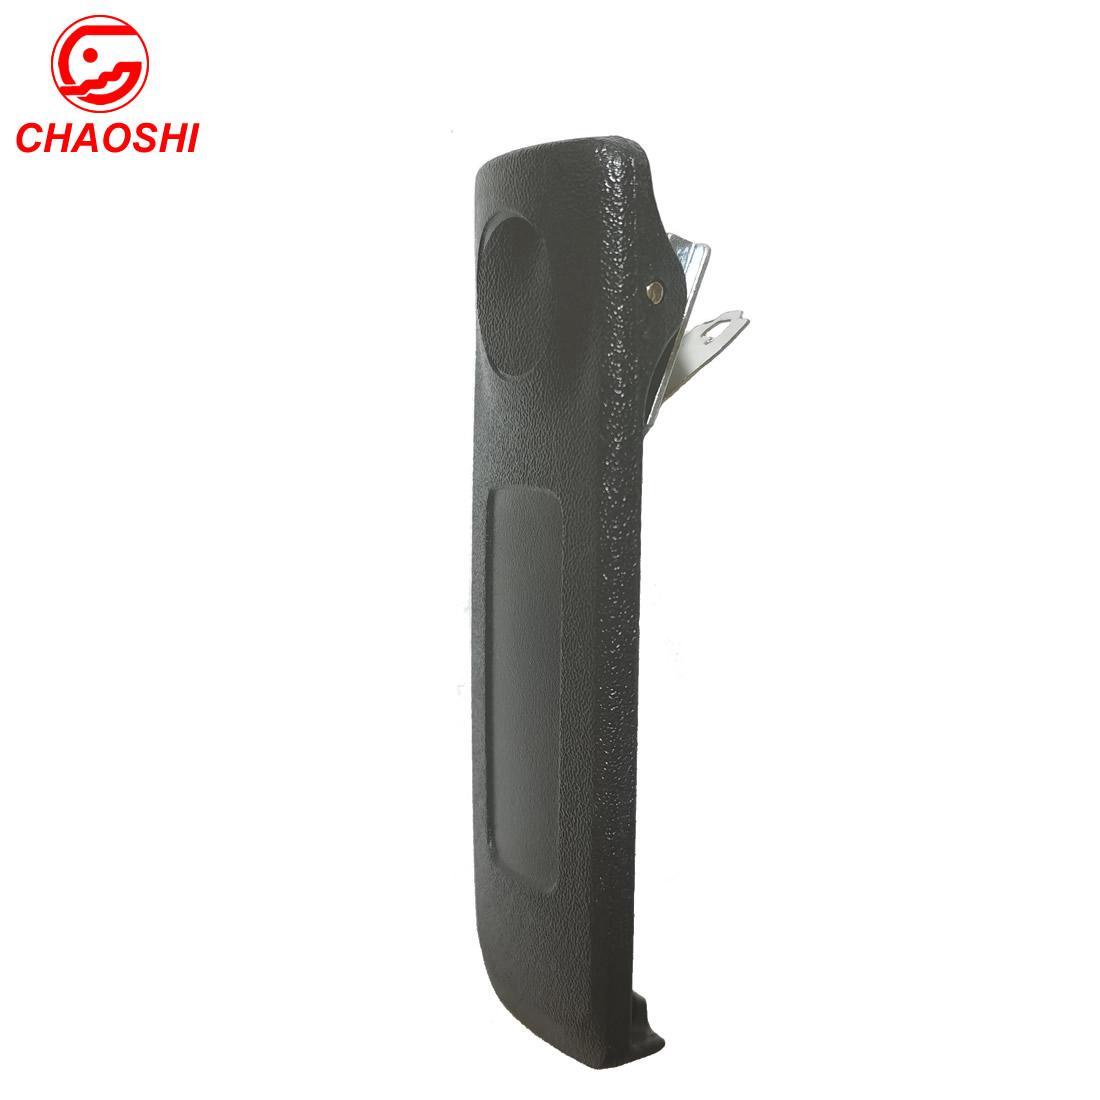 对讲机电池后夹PMLN4652 2